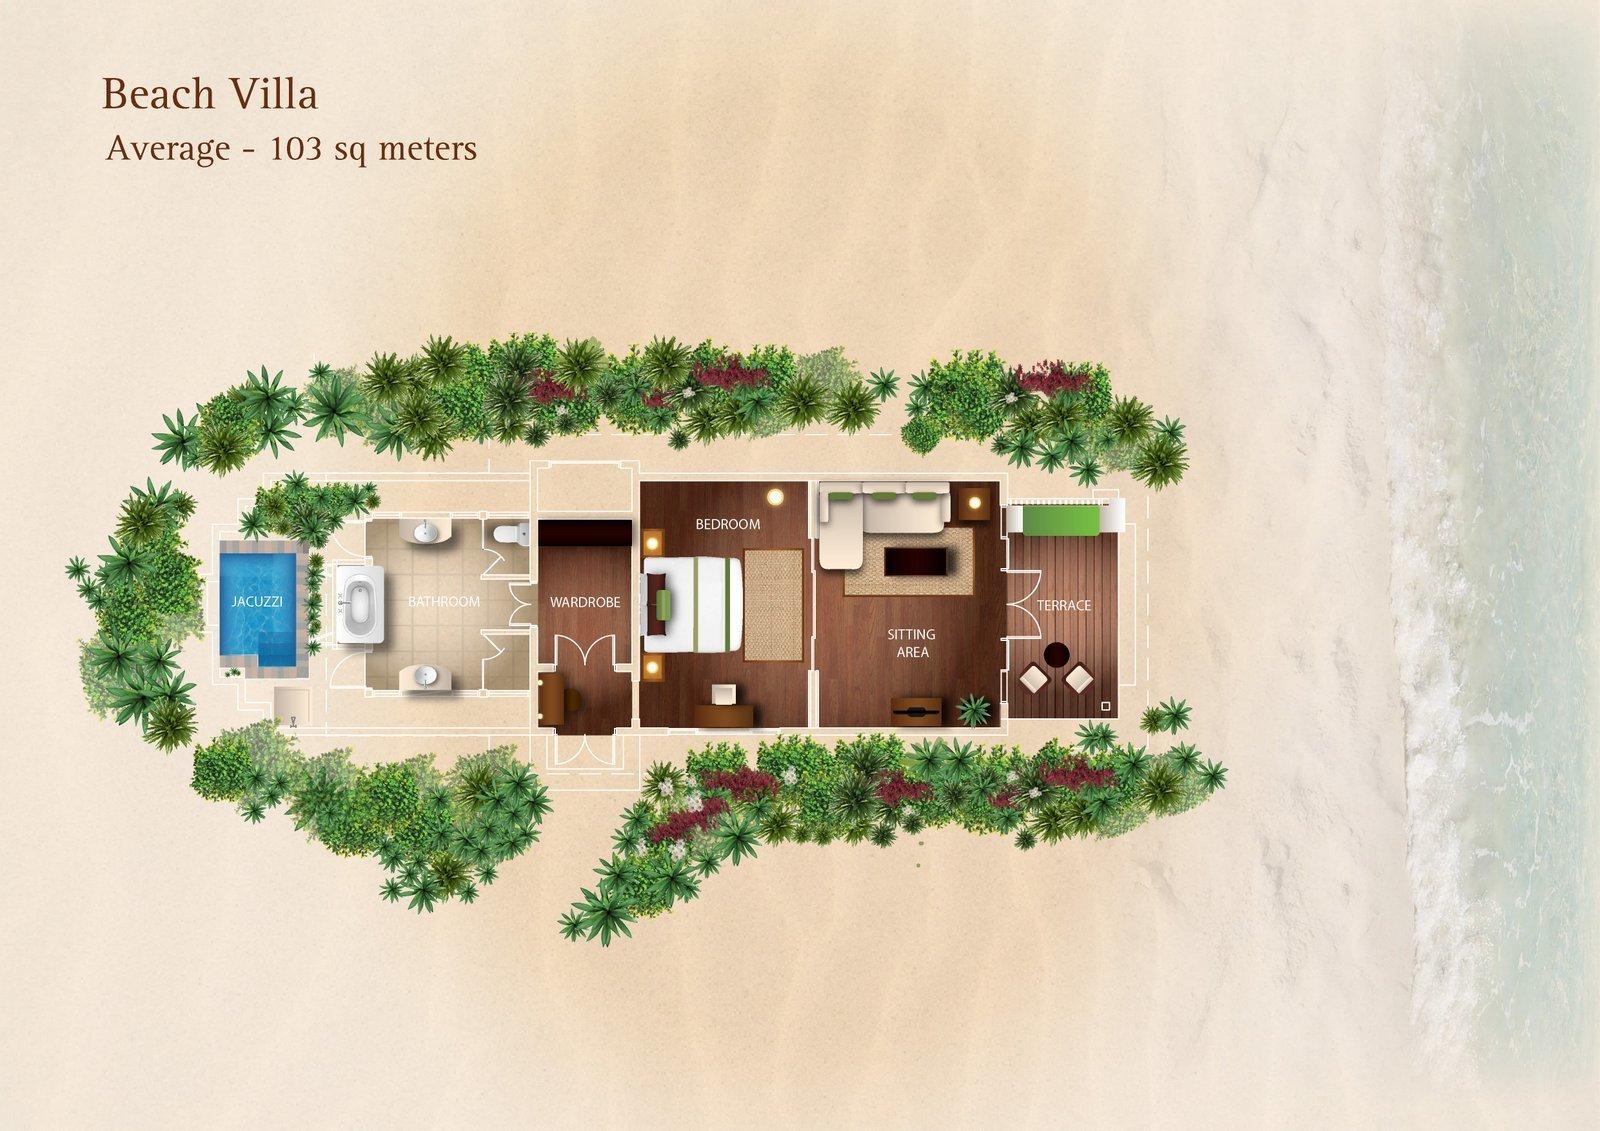 Мальдивы, отель Kurumba Maldives, план-схема номера Beach Villa